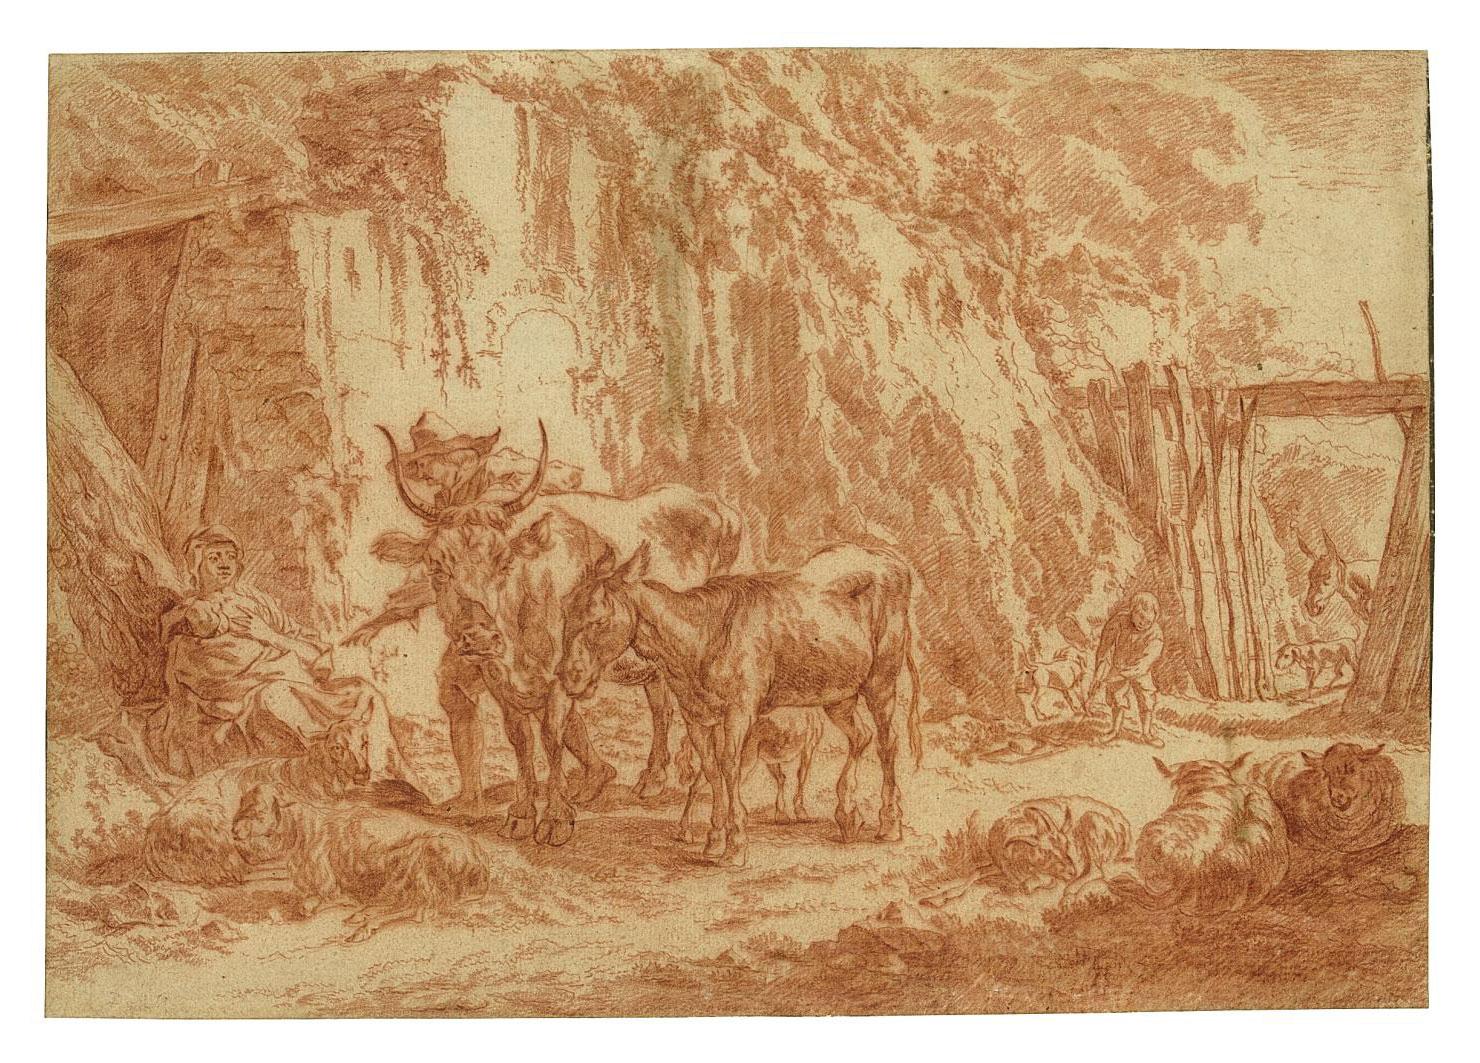 A farmyard with animals